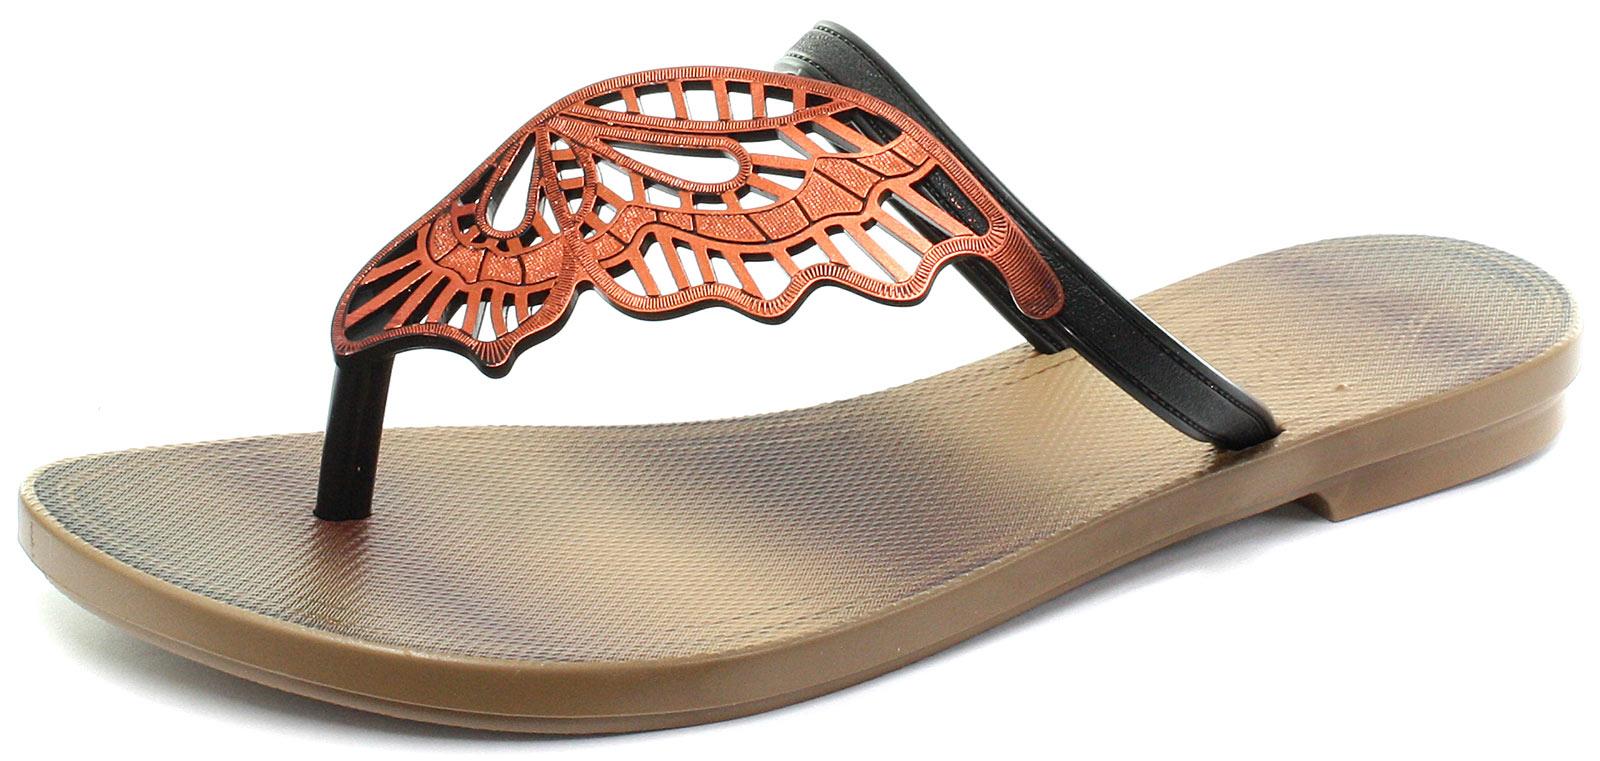 c4948c327 Grendha Ladies Butterfly Thong Flip Flops - Black - Sizes 3 4 5 6 7 ...